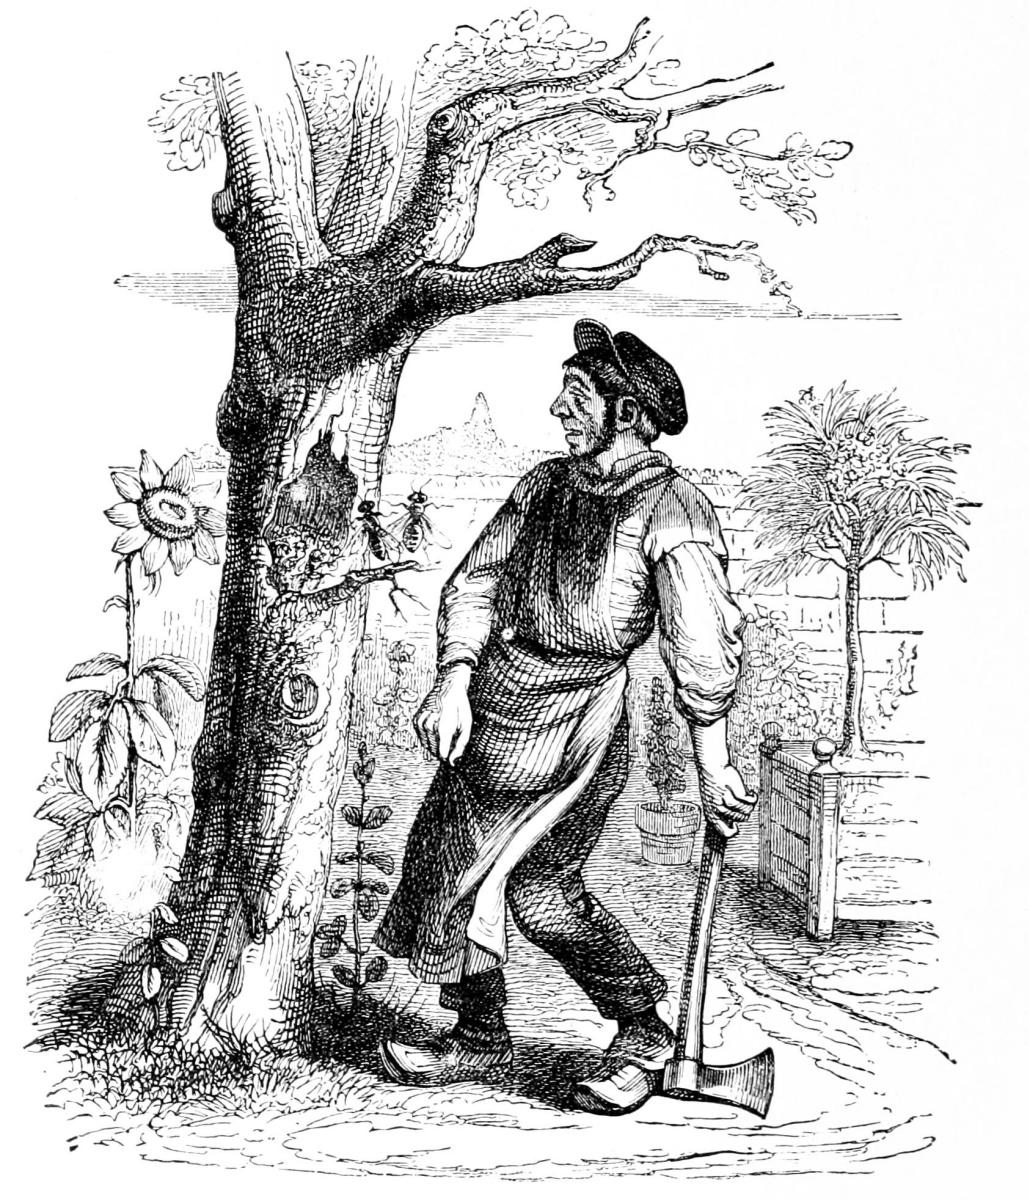 Жан Иньяс Изидор (Жерар) Гранвиль. Садовник и старое дерево. Иллюстрации к басням Флориана